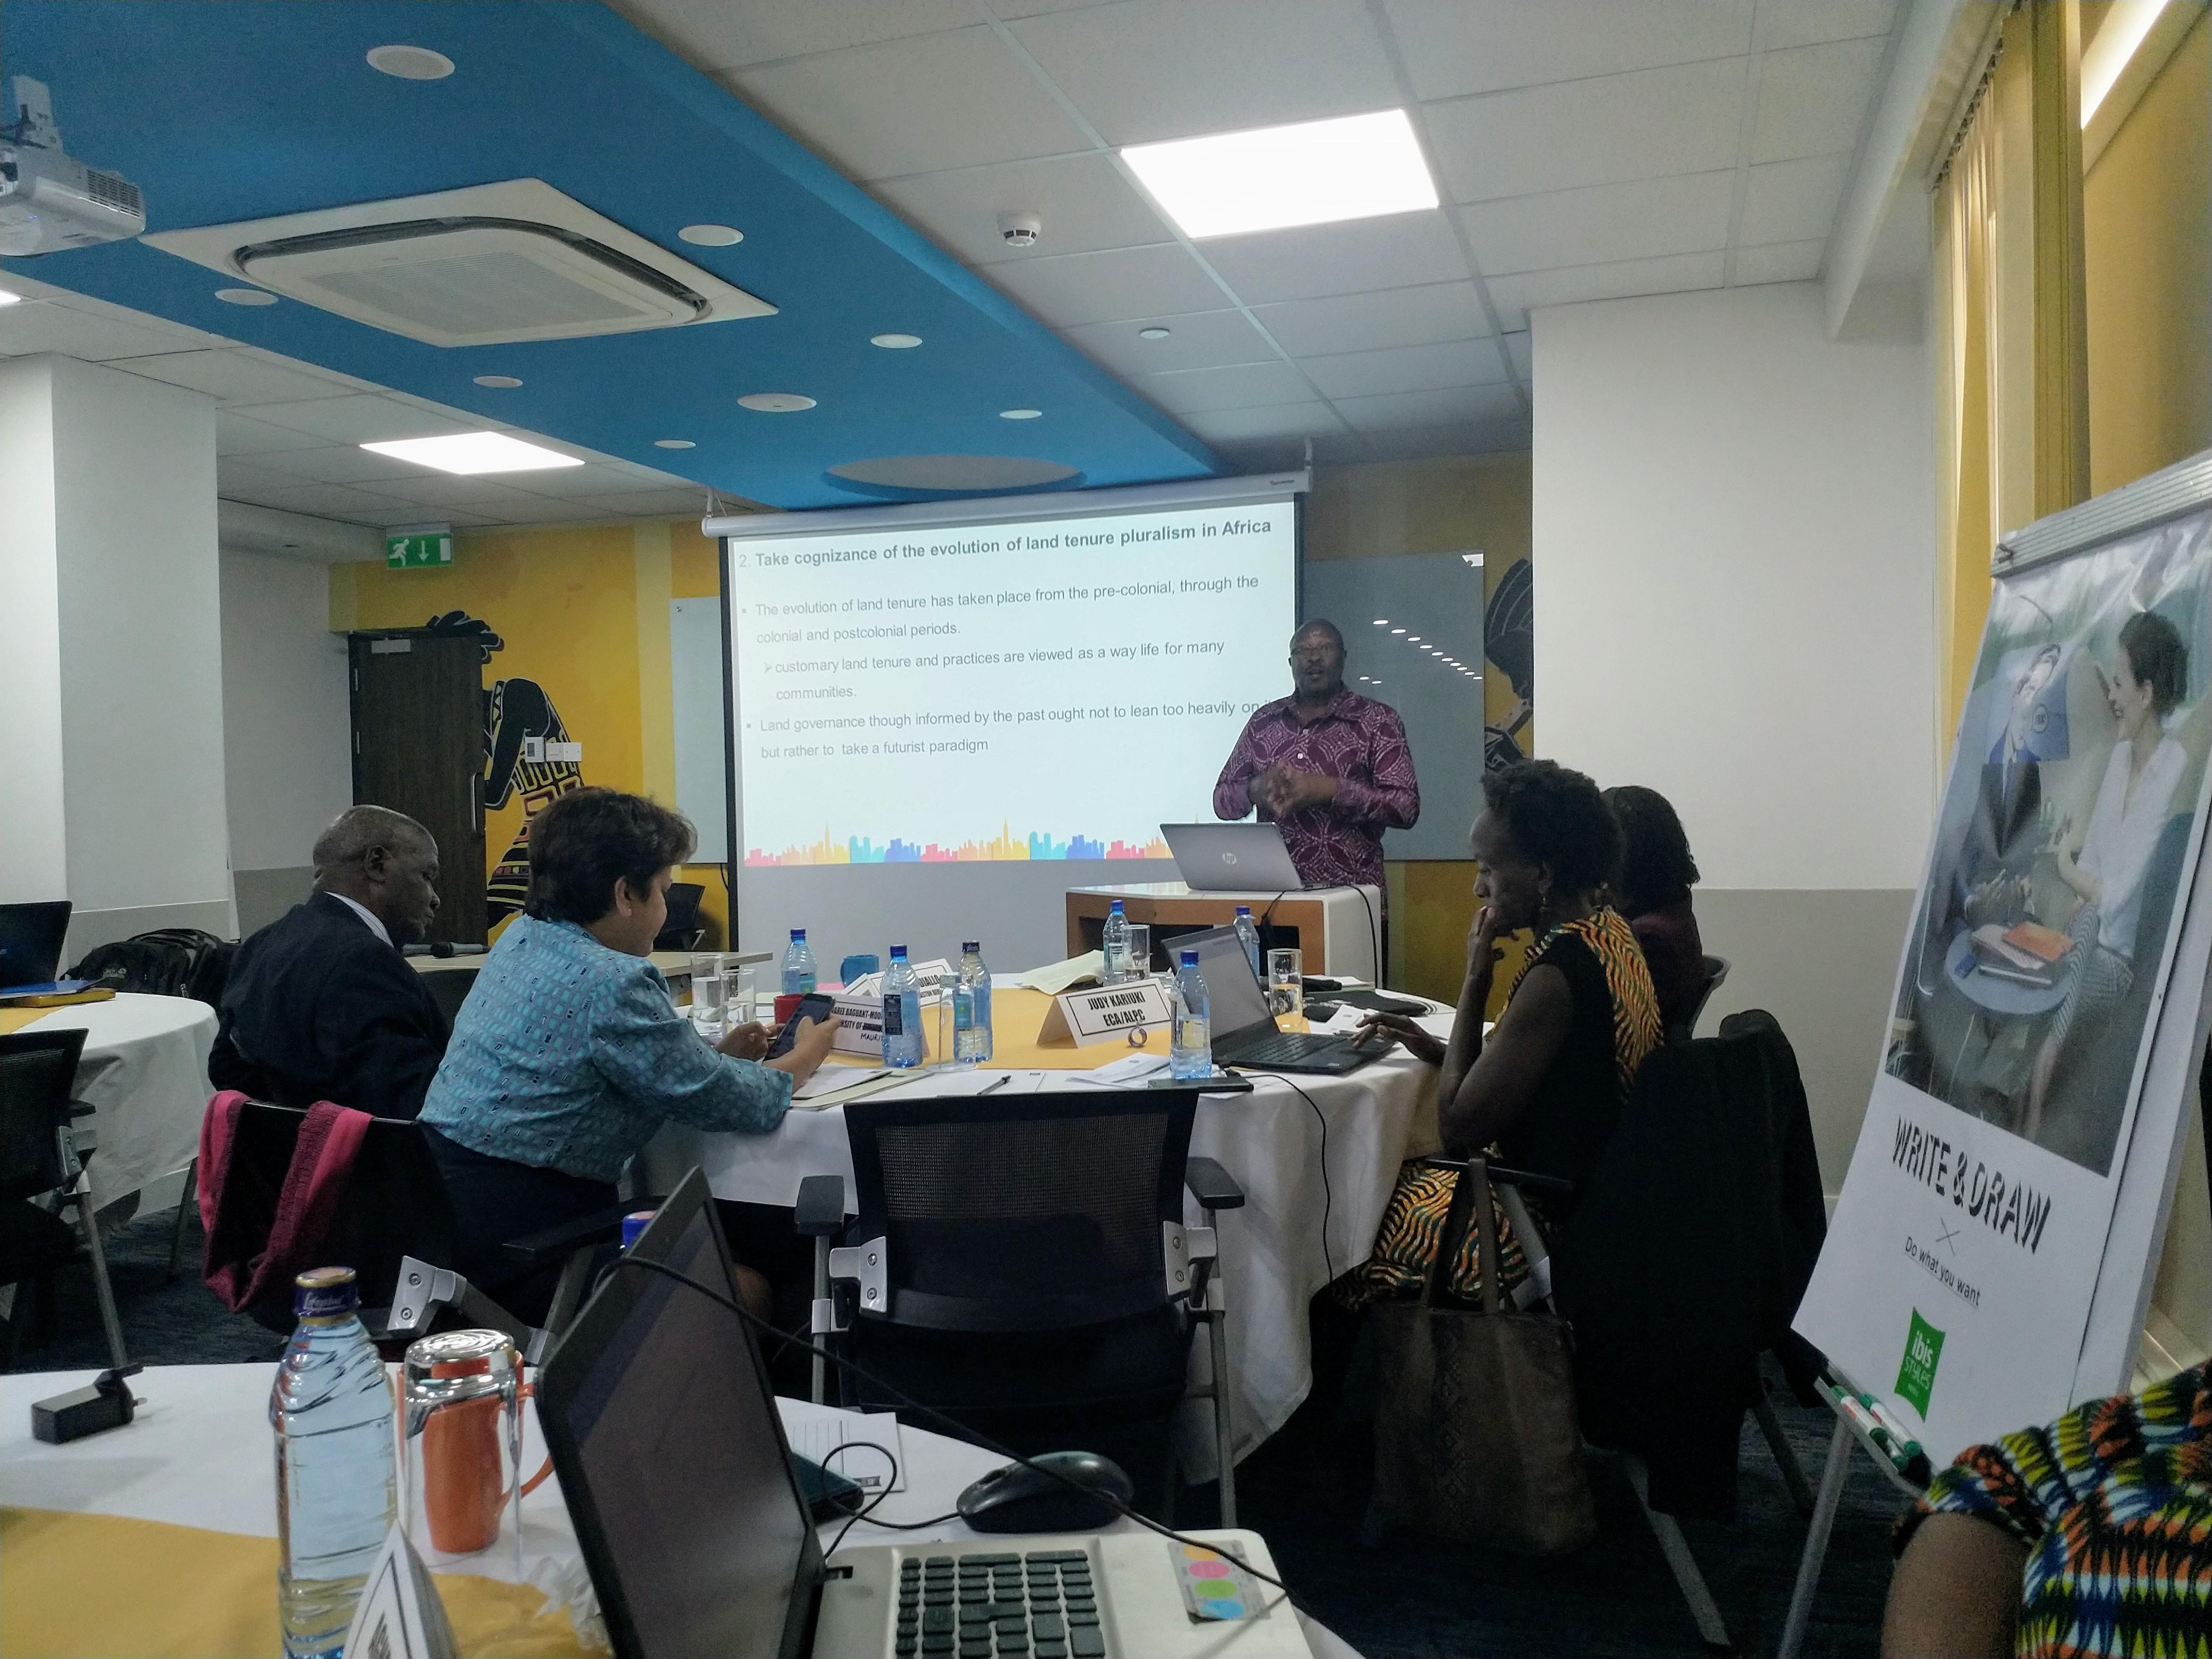 Pour une amélioration des curricula sur la gouvernance foncière en Afrique Centrale: NELGA Afrique centrale organise un atelier de sensibilisation sur la révision des programmes d'enseignement en matière de gouvernance foncière